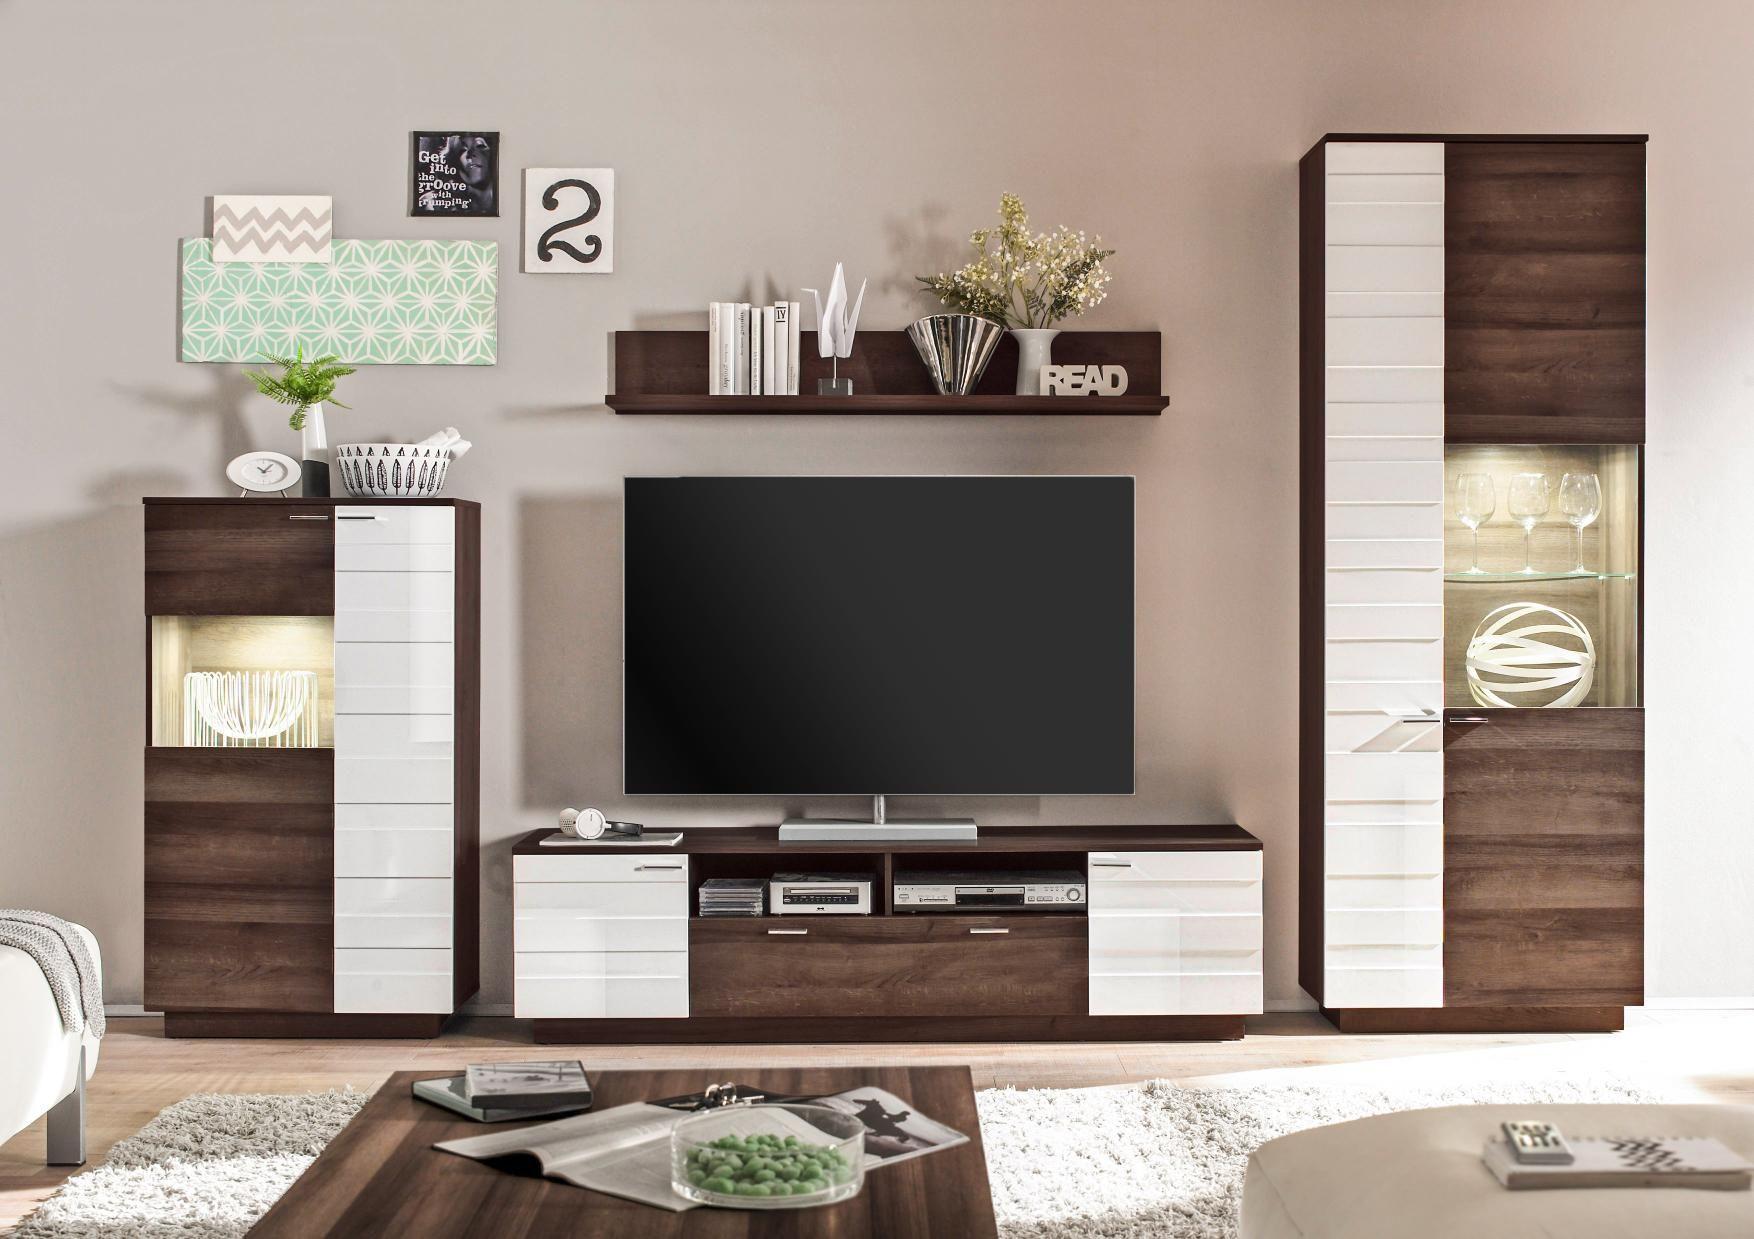 Wohnzimmerschrank braun ~ Die besten braune küchenschränke ideen auf braune